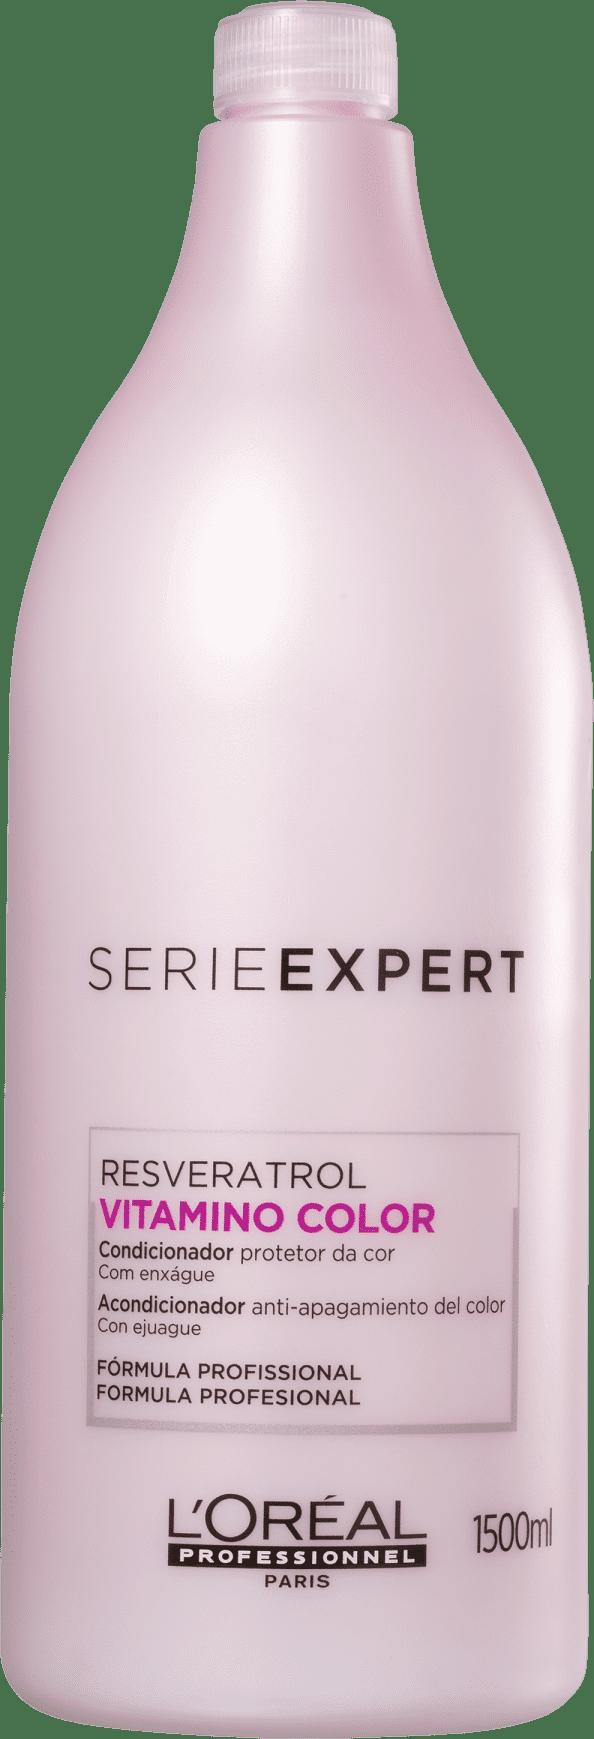 Condicionador L'Oréal Professionnel Vitamino Color 1500ml